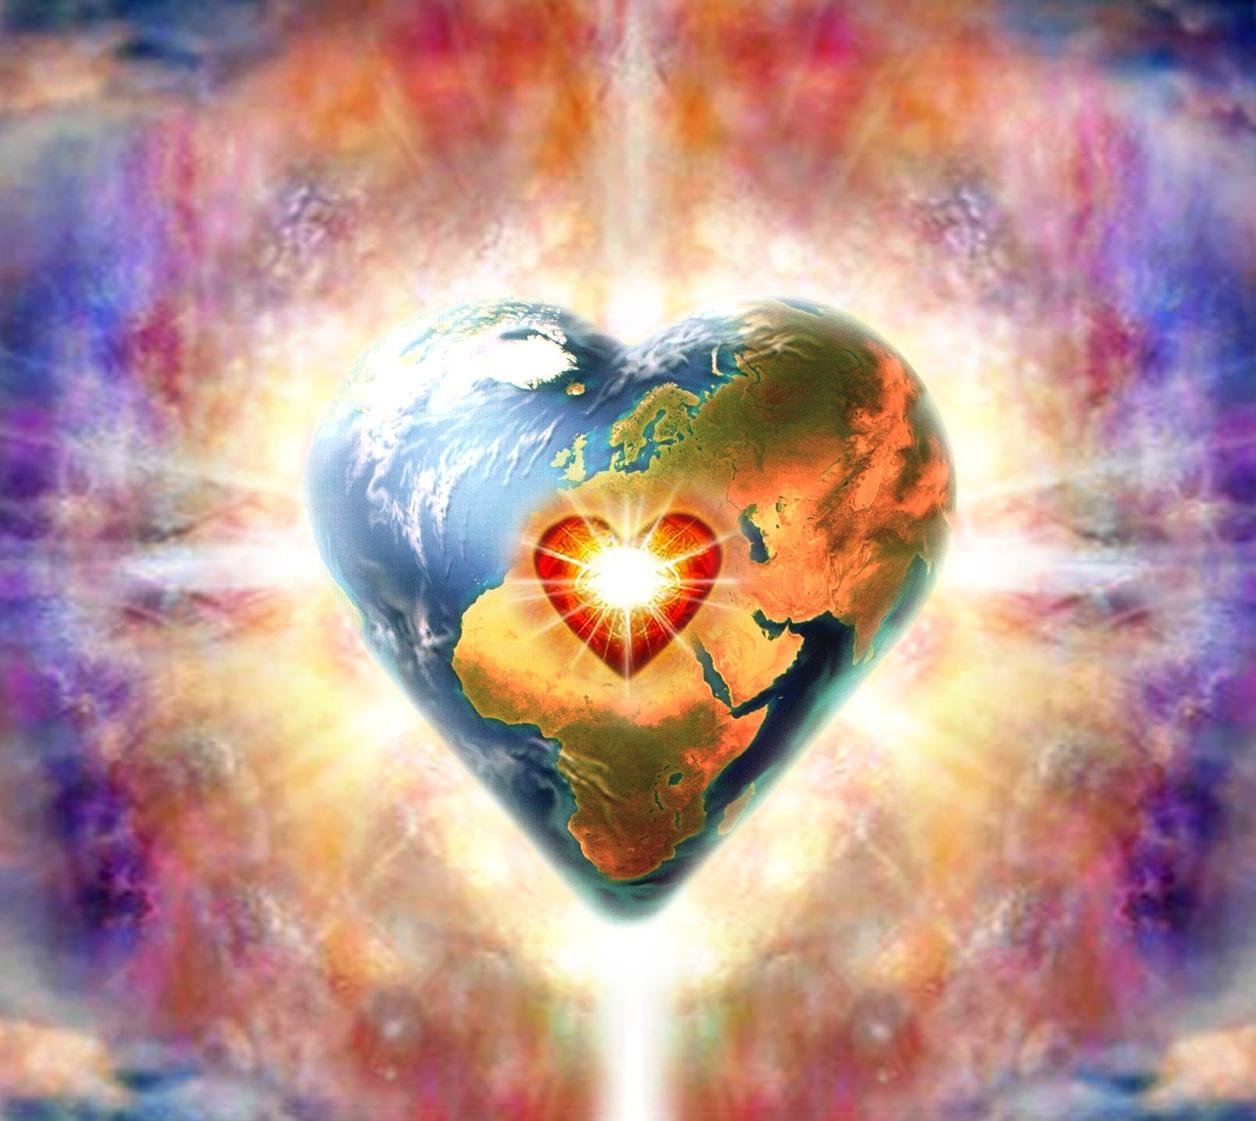 world-of-the-heart-the_full1.jpg